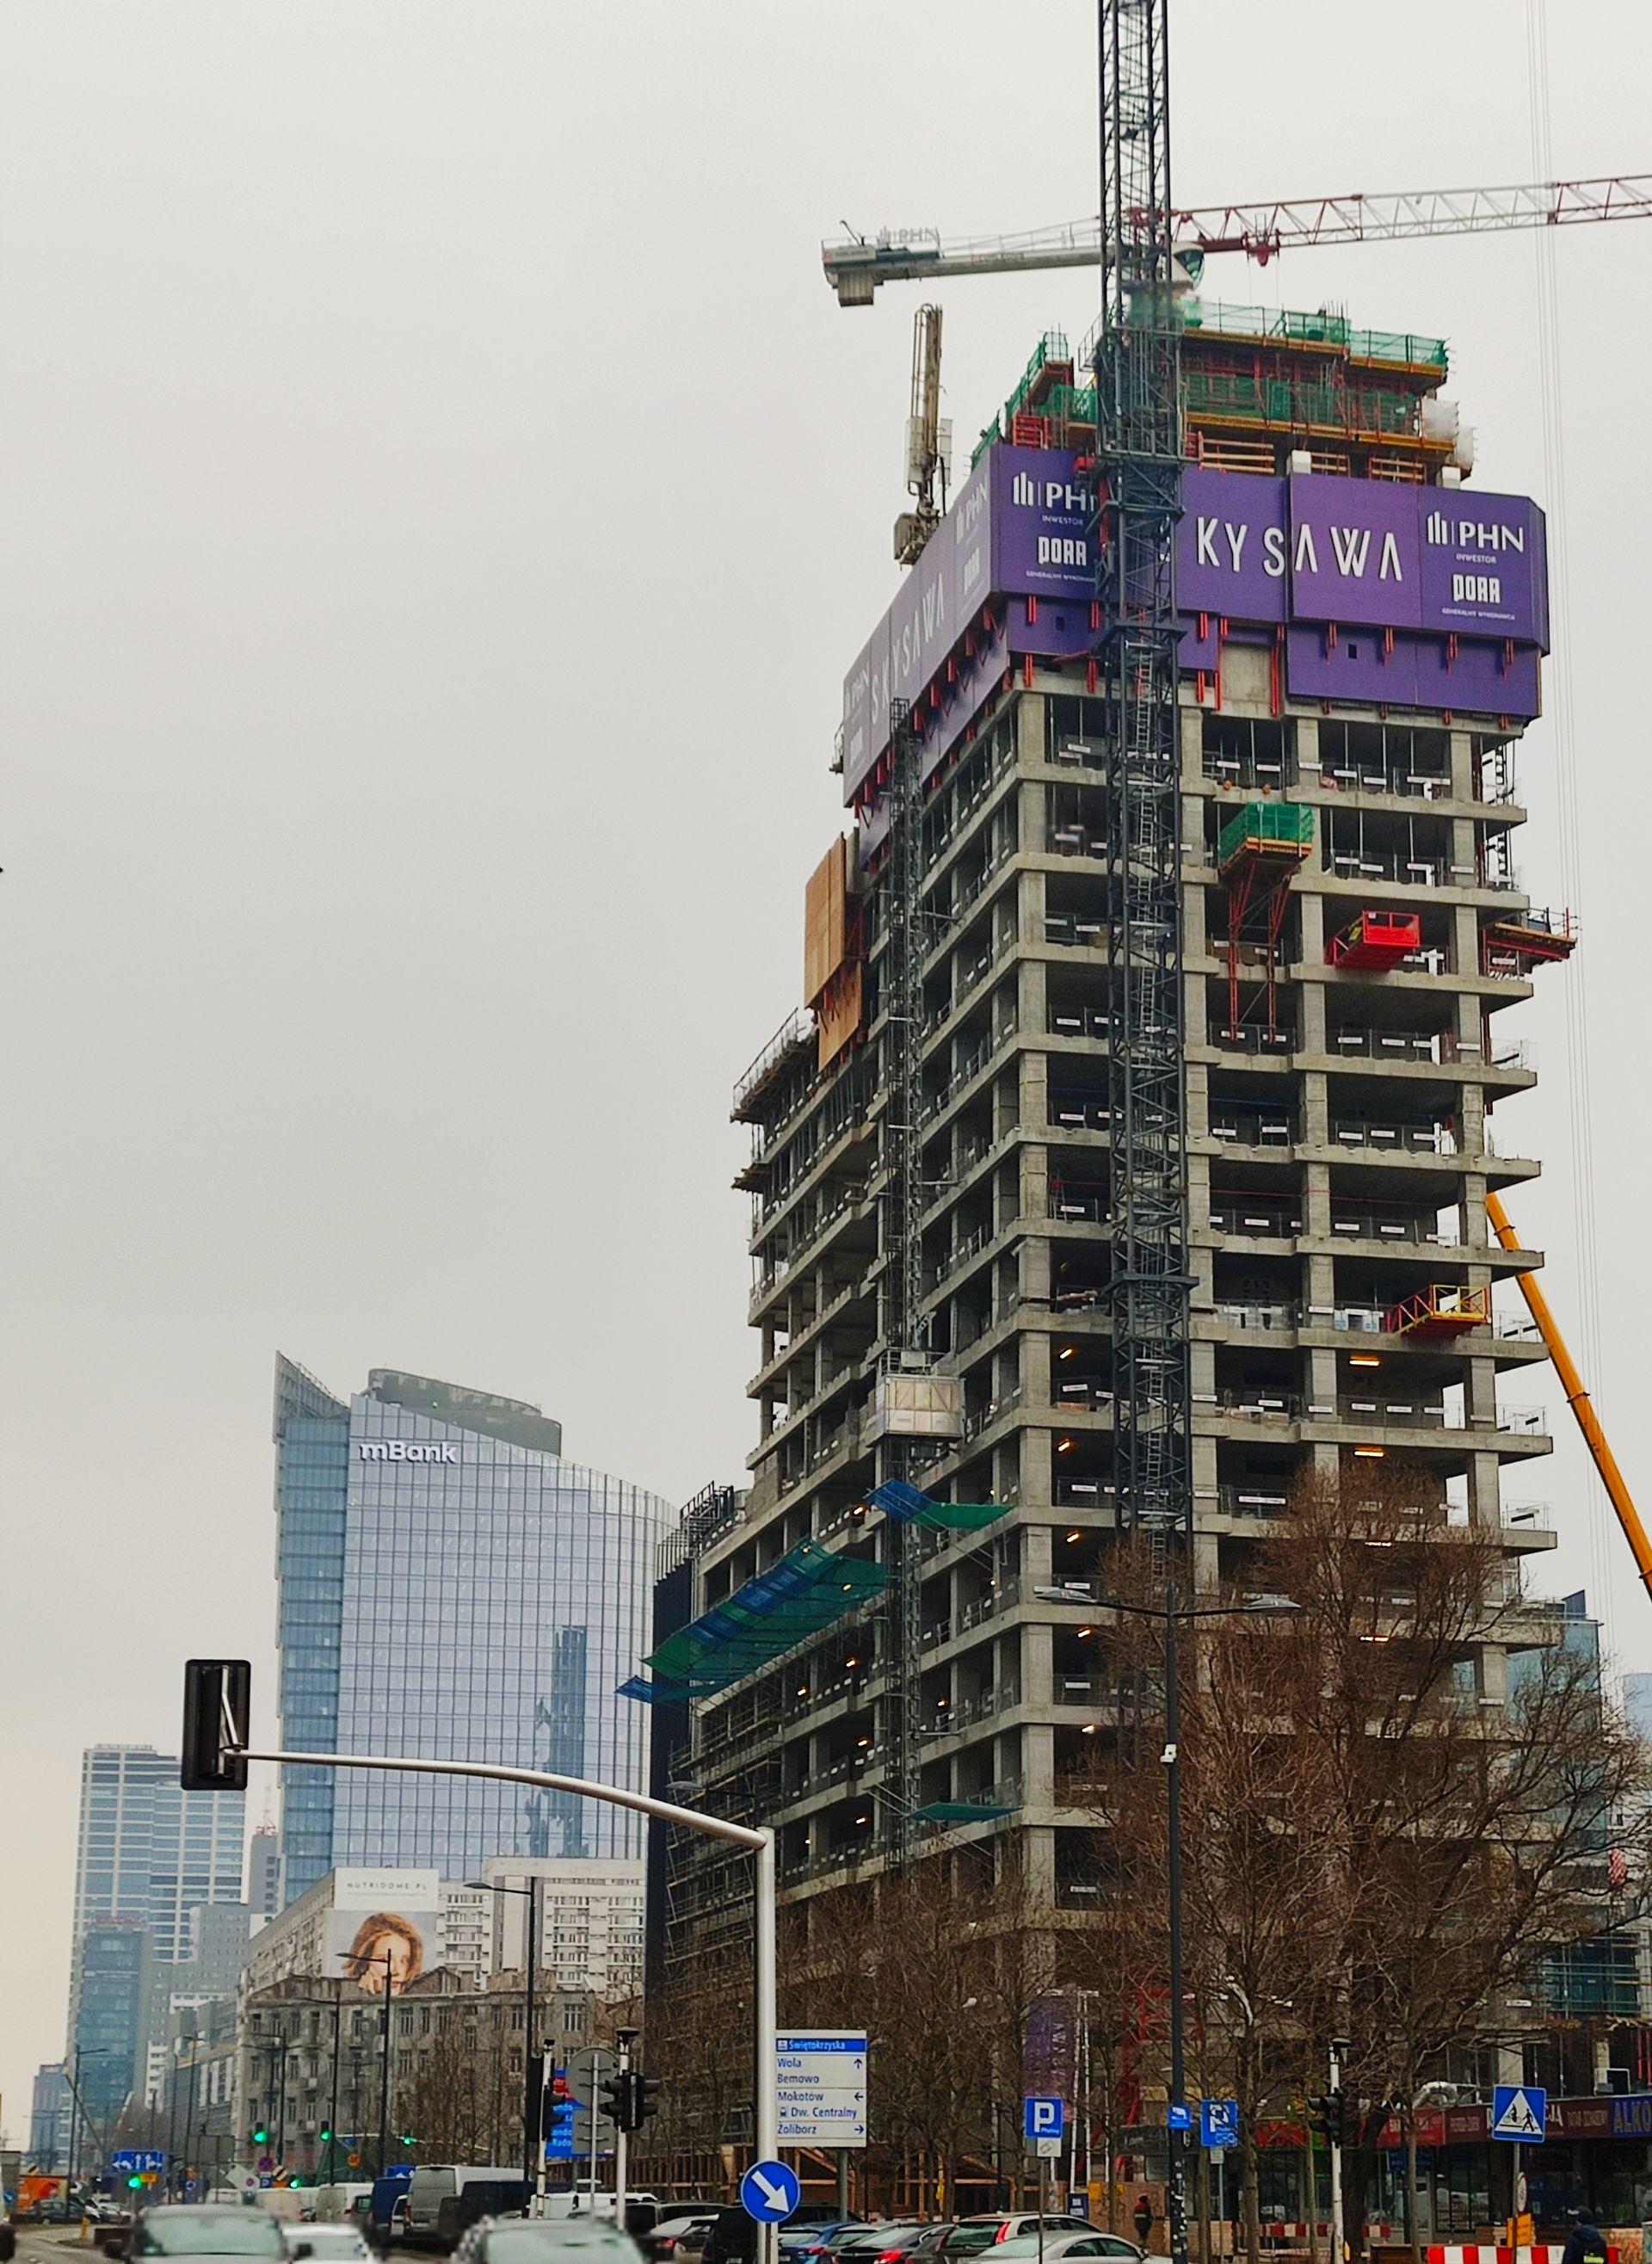 W centrum Warszawy budowany jest 155 metrowy wieżowiec Skysawa [FILM + ZDJĘCIA]